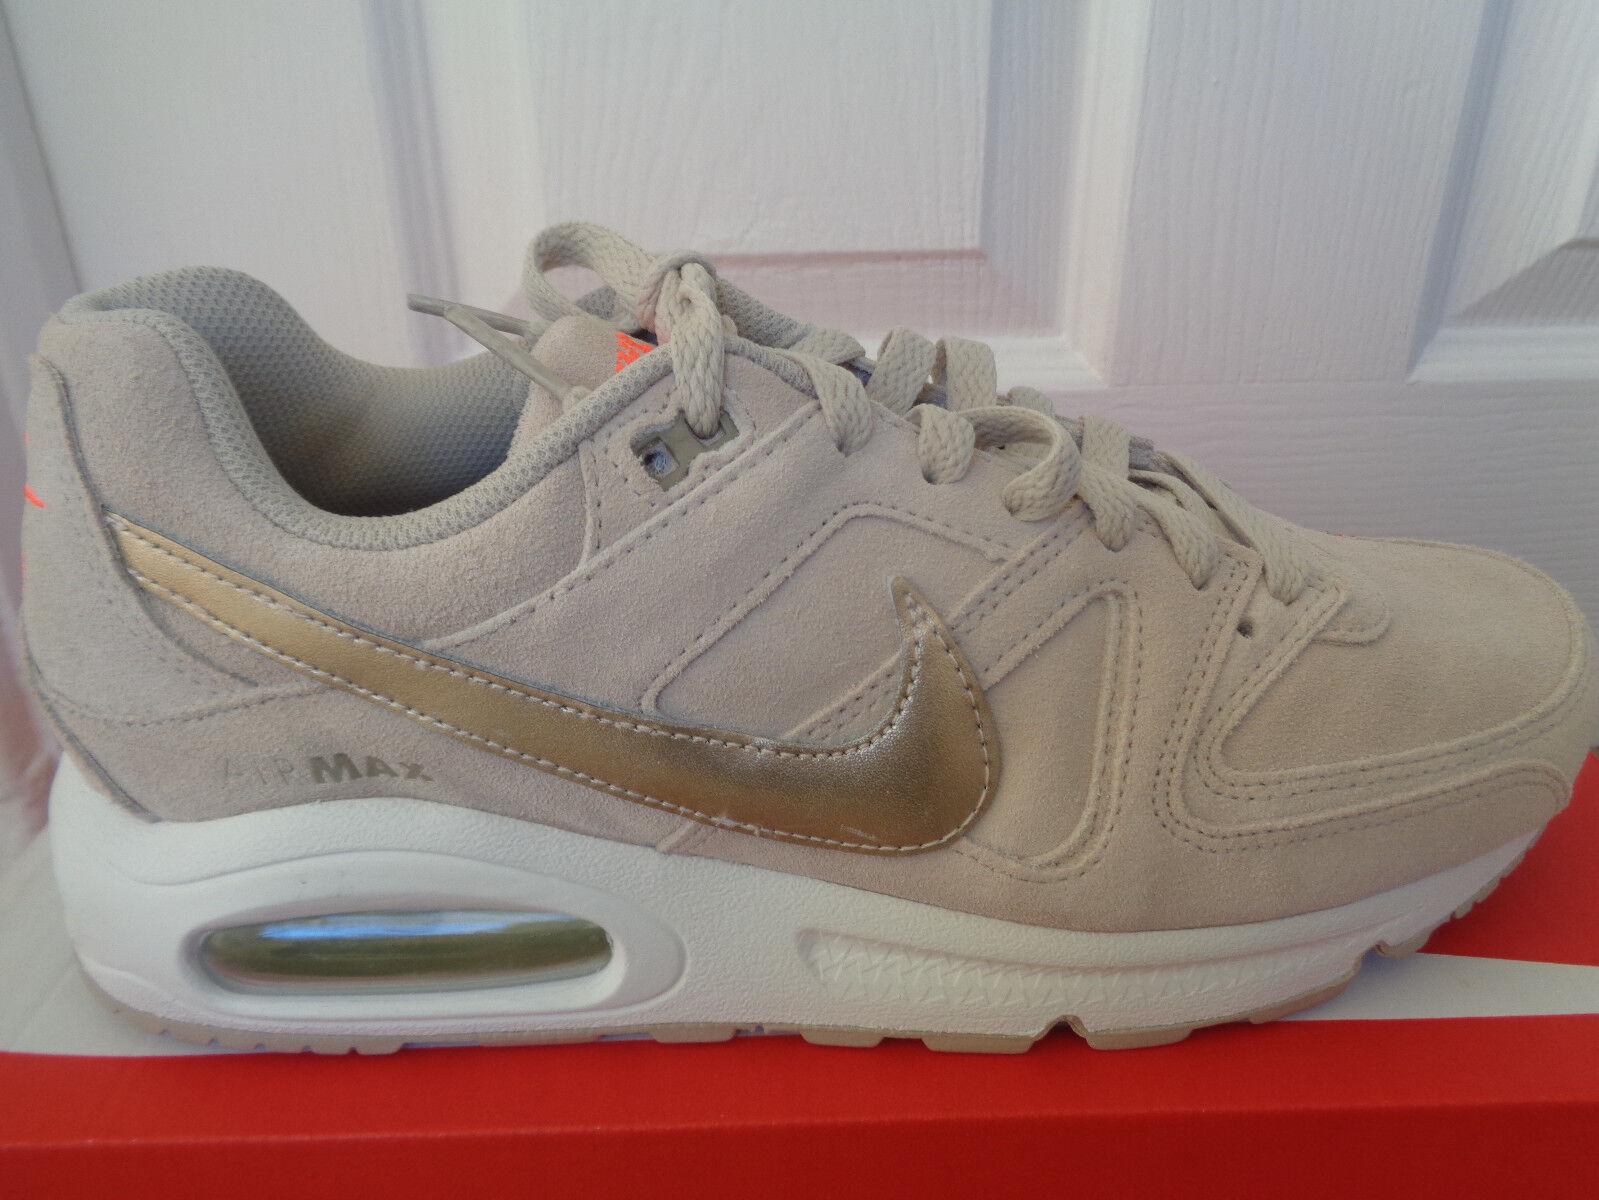 Nike AIR AIR AIR MAX COMMAND PRM Wmns Scarpe Da Ginnastica 718896 228 EU 39 US 8 Nuovo + Scatola 3cc223